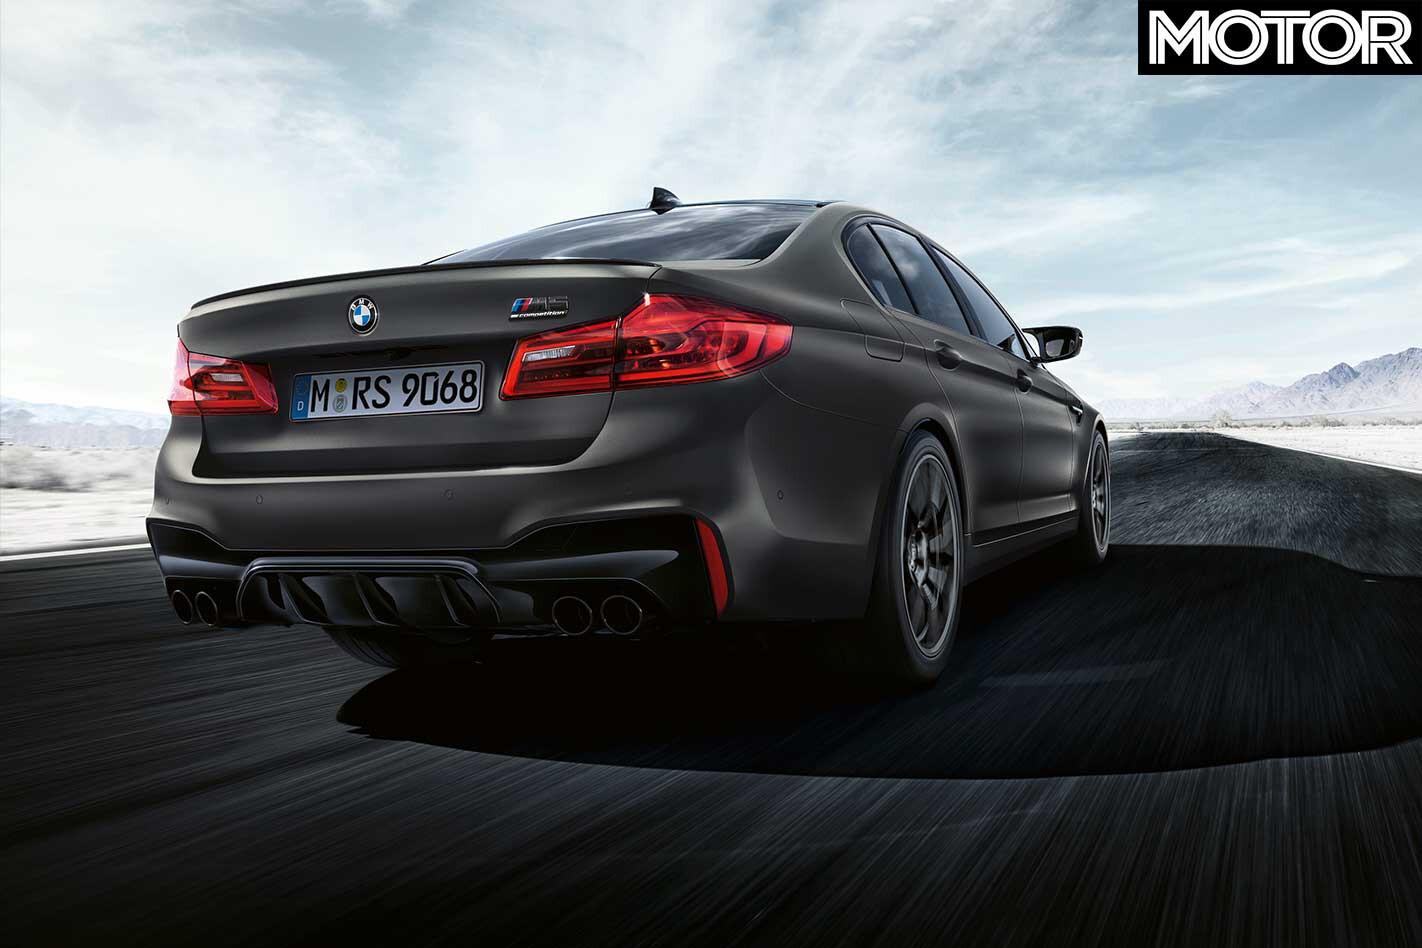 2019 BMW M 5 Edition 35 Years Rear Jpg